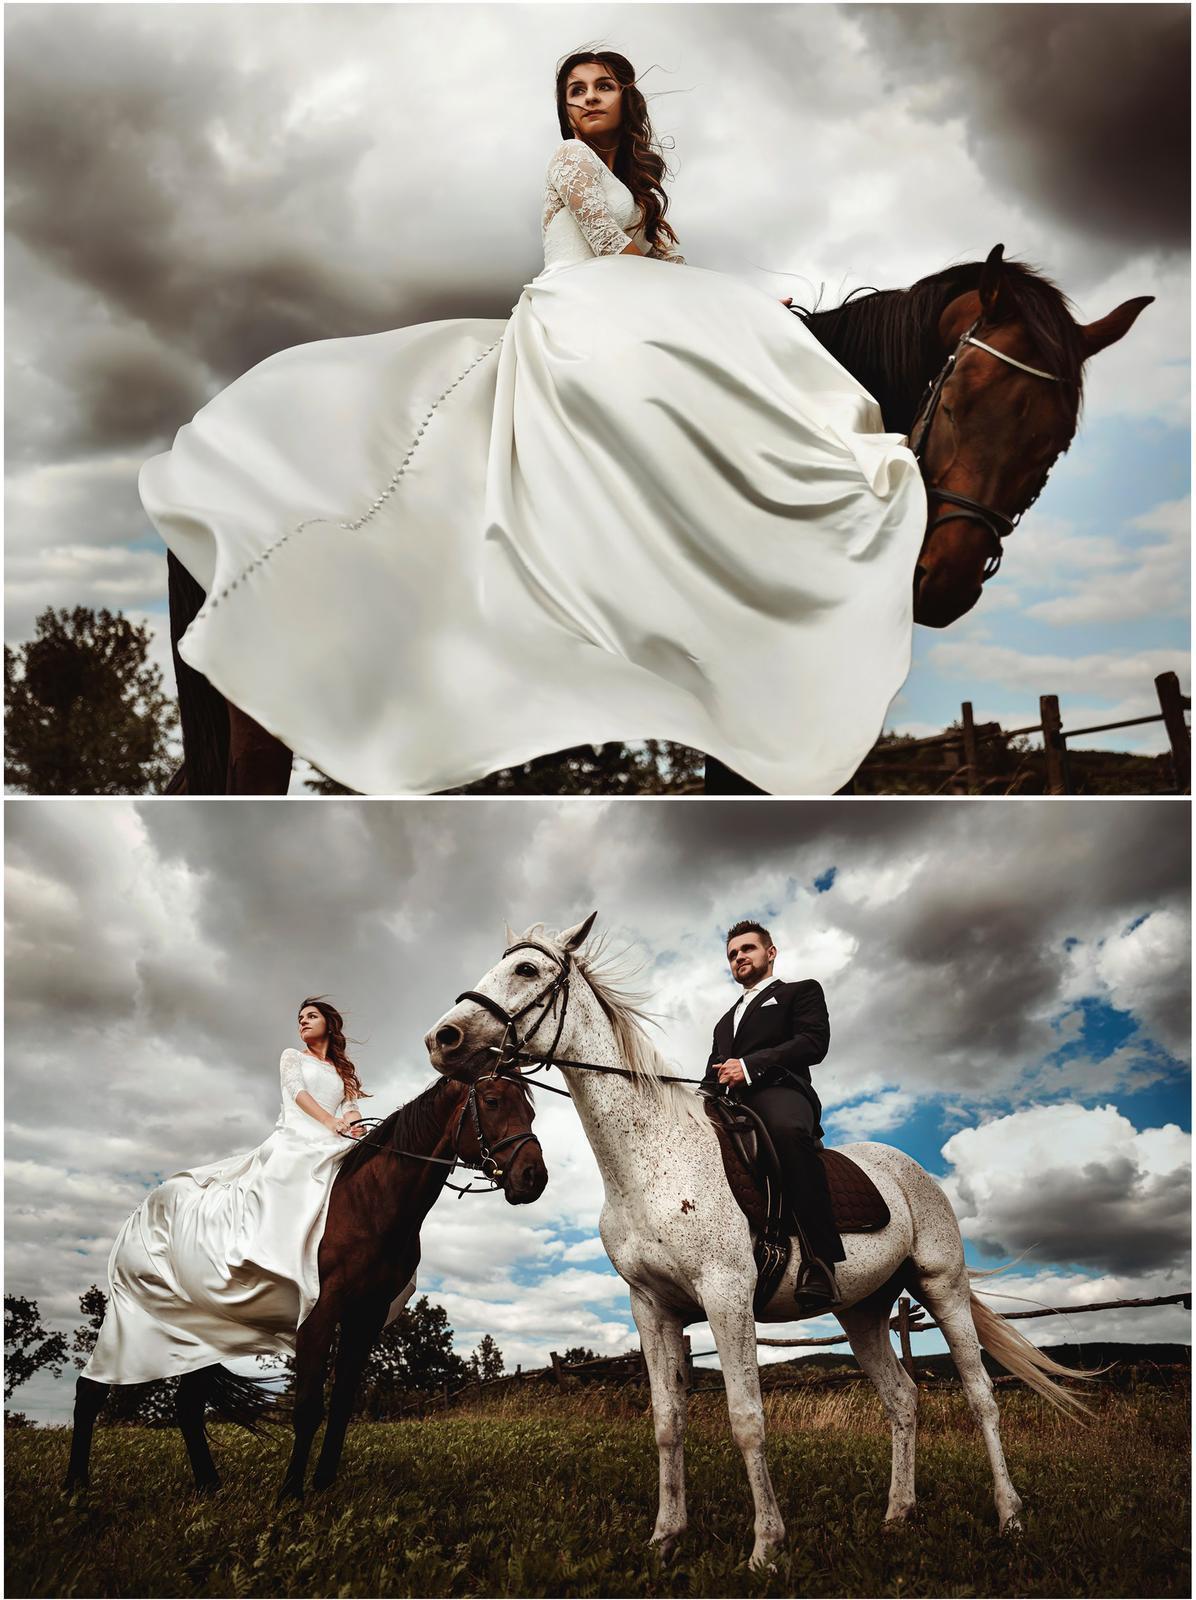 termín svadby je ešte... - Obrázok č. 2